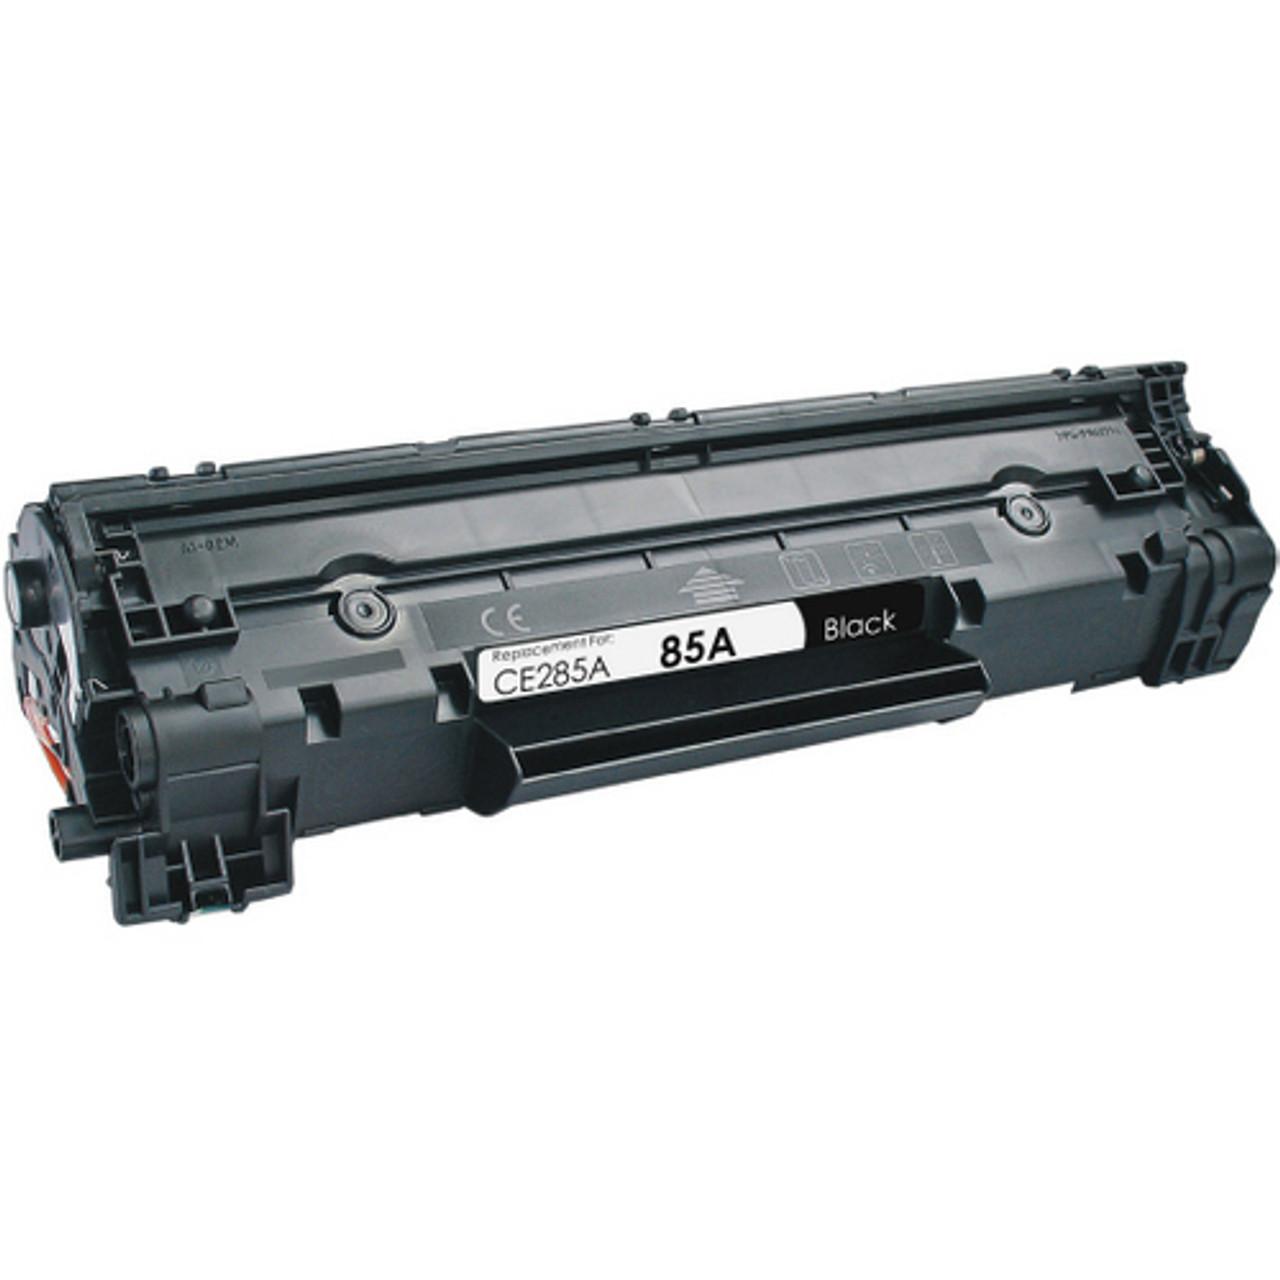 2 Pack Genuine HP CE285A 85A Black Toner Cartridge OEM